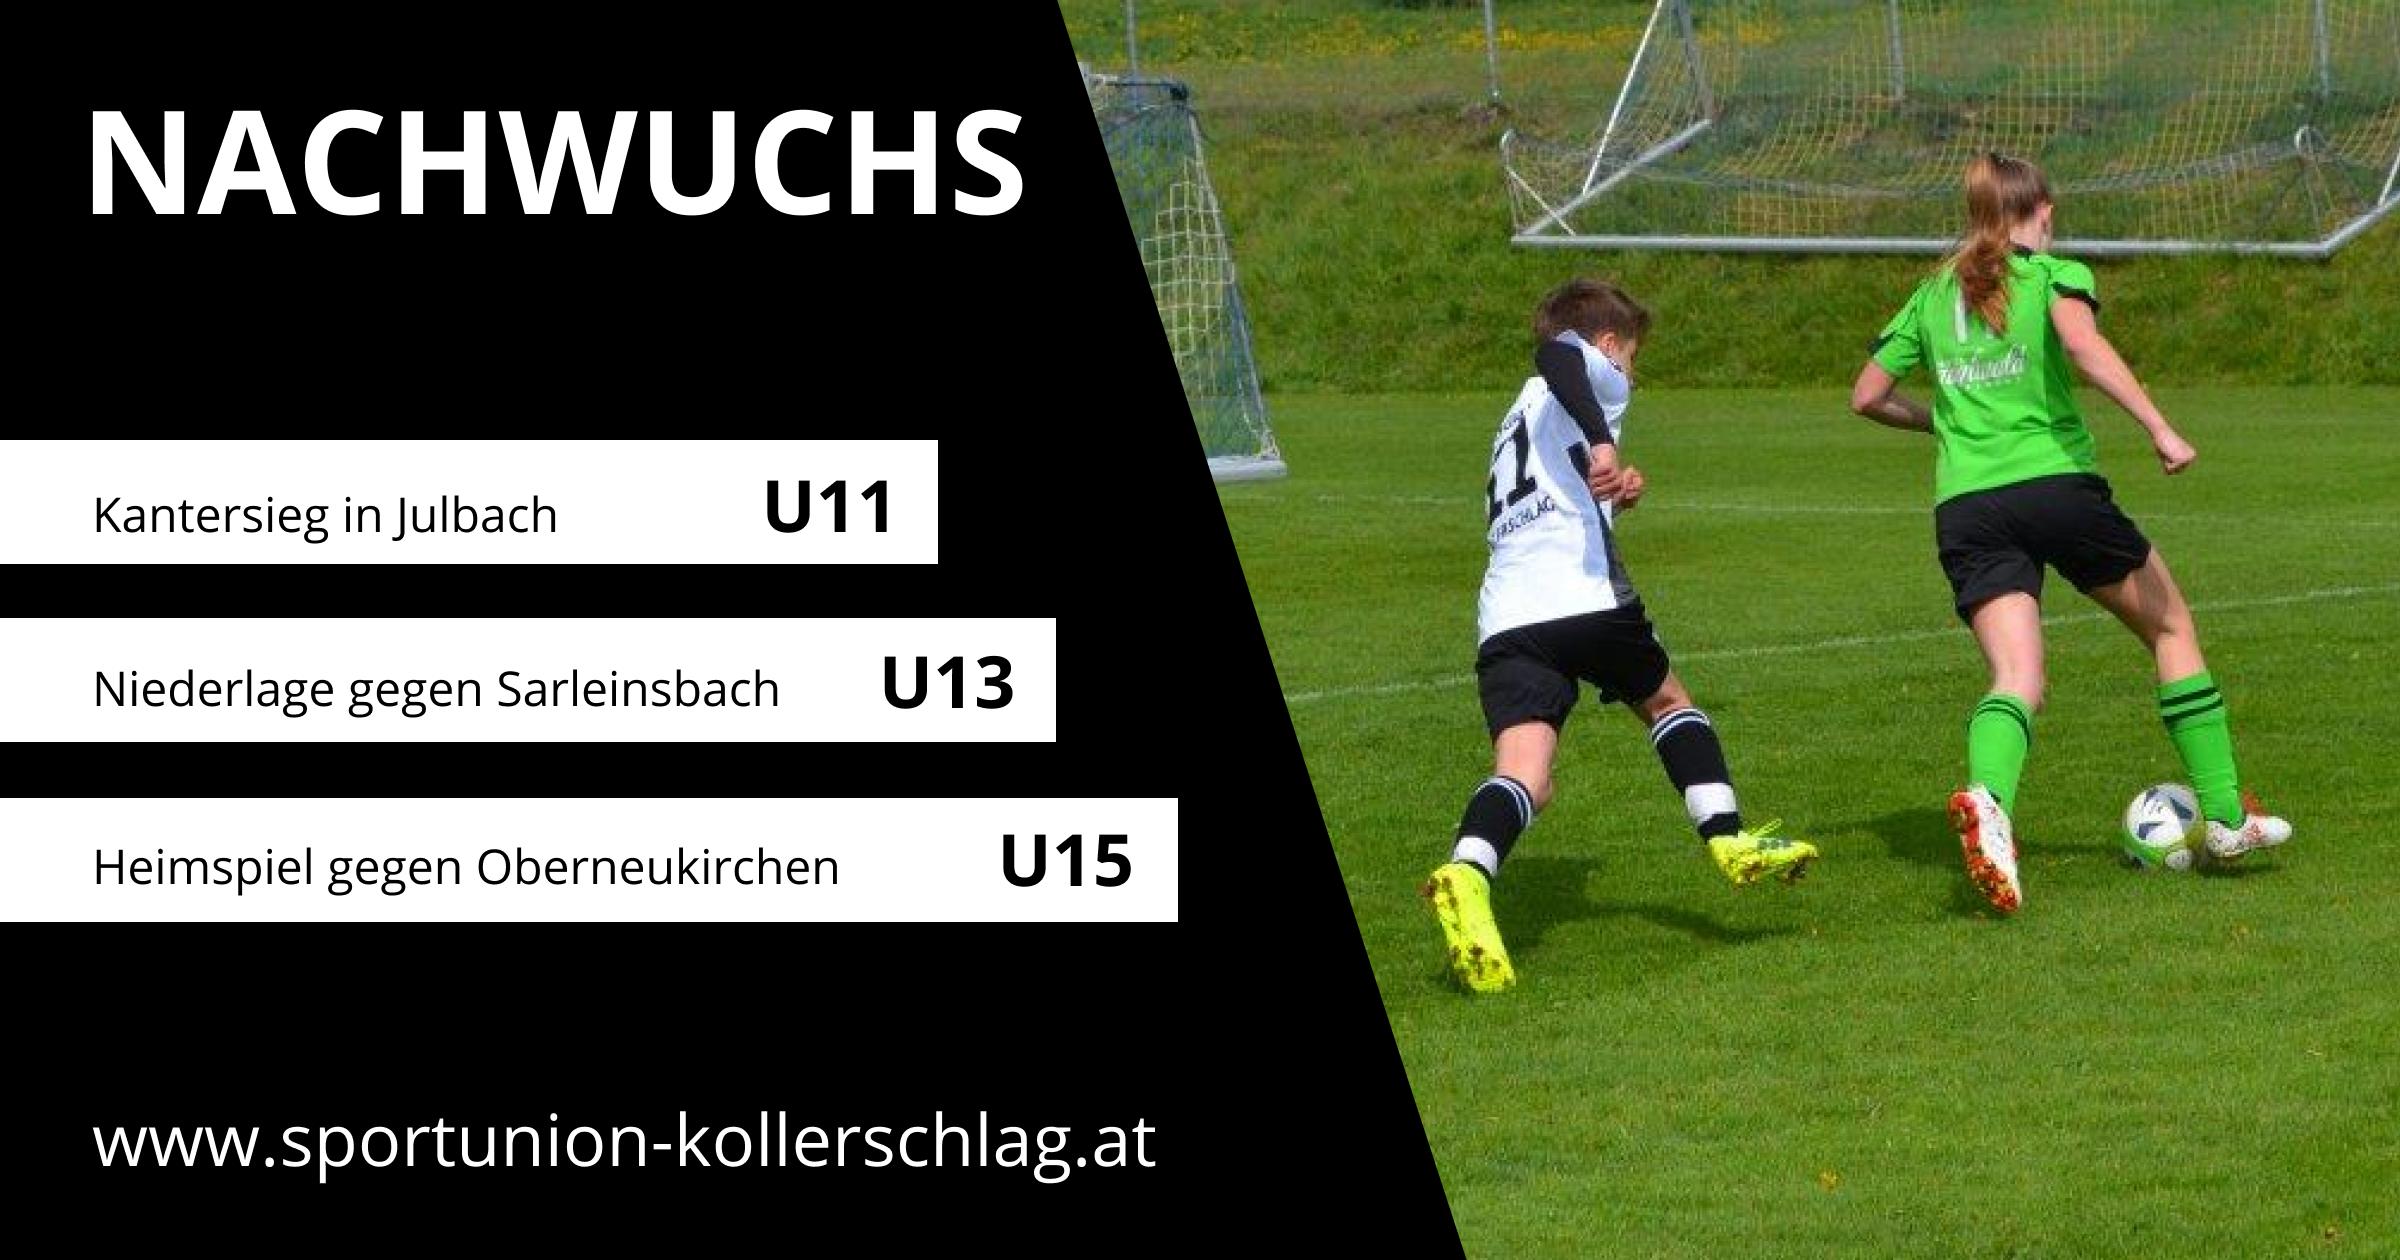 Quattro-Pack von Leon Mandl beim 9:1 Auswärtssieg in Julbach